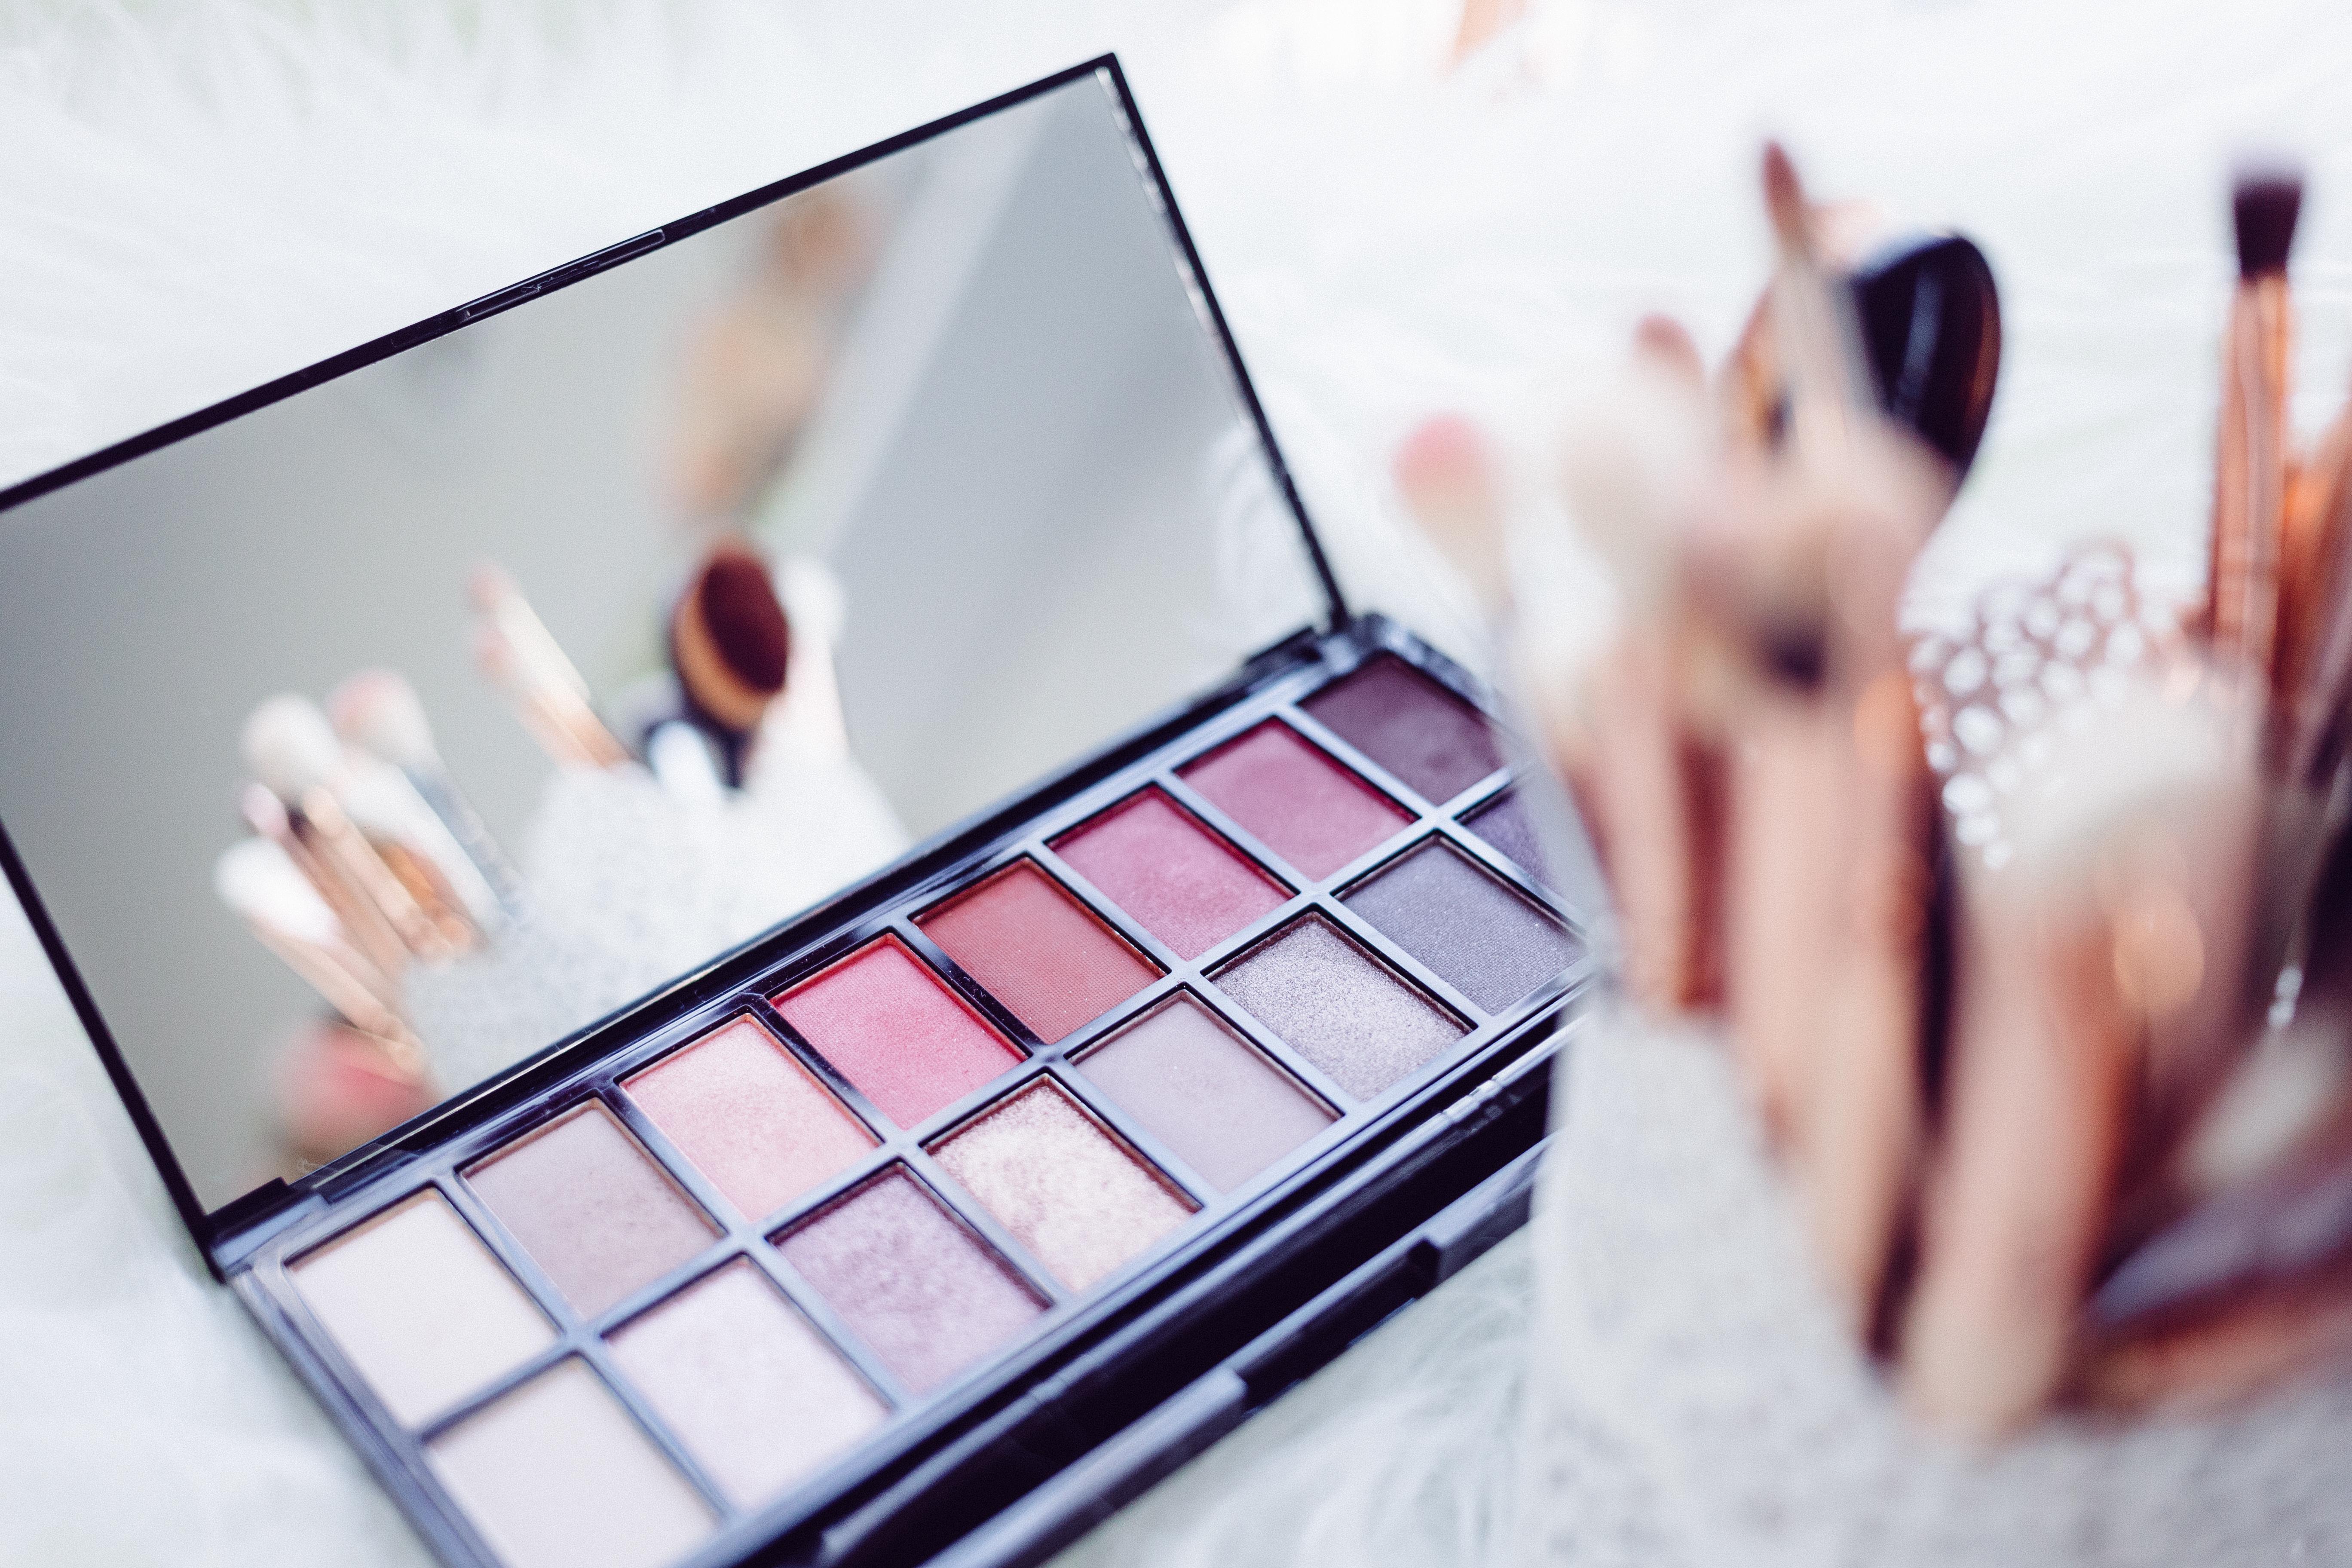 palette maquillage tendance printemps 2017 rose poudré